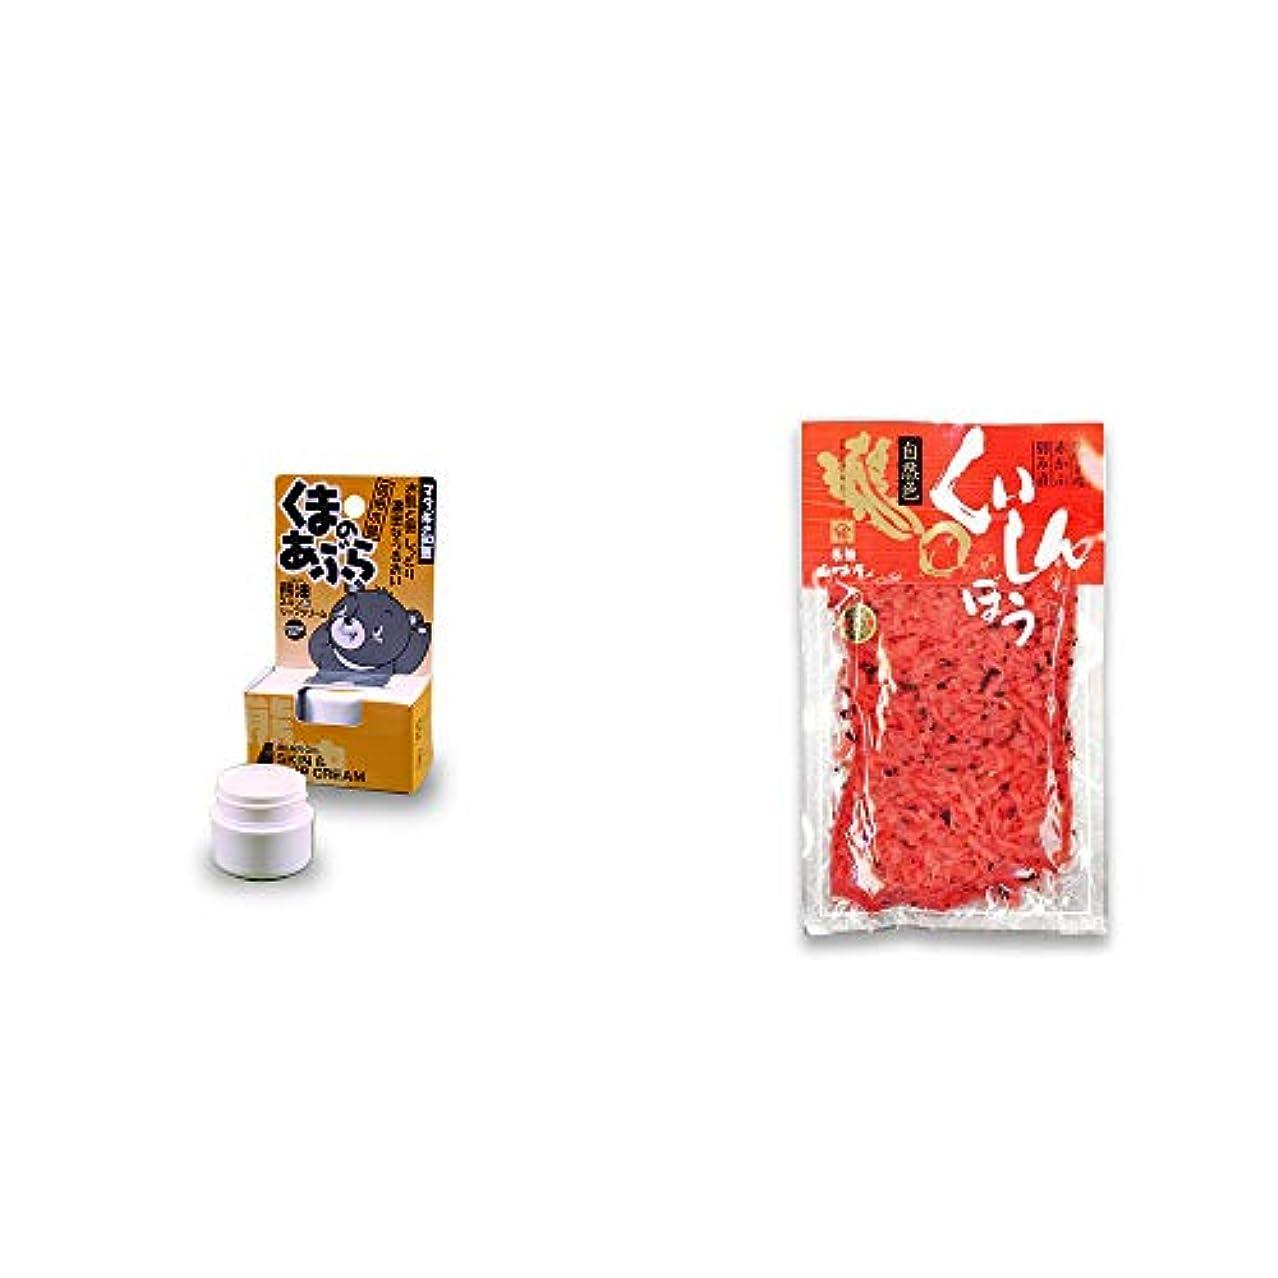 [2点セット] 信州木曽 くまのあぶら 熊油スキン&リップクリーム(9g)?飛騨山味屋 くいしんぼう【大】(260g) [赤かぶ刻み漬け]